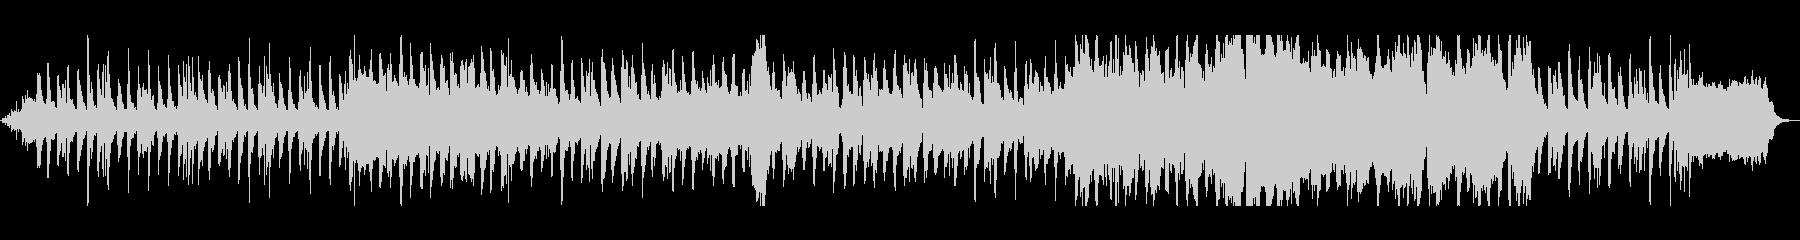 管楽器が繰り広げるハーモニーの未再生の波形